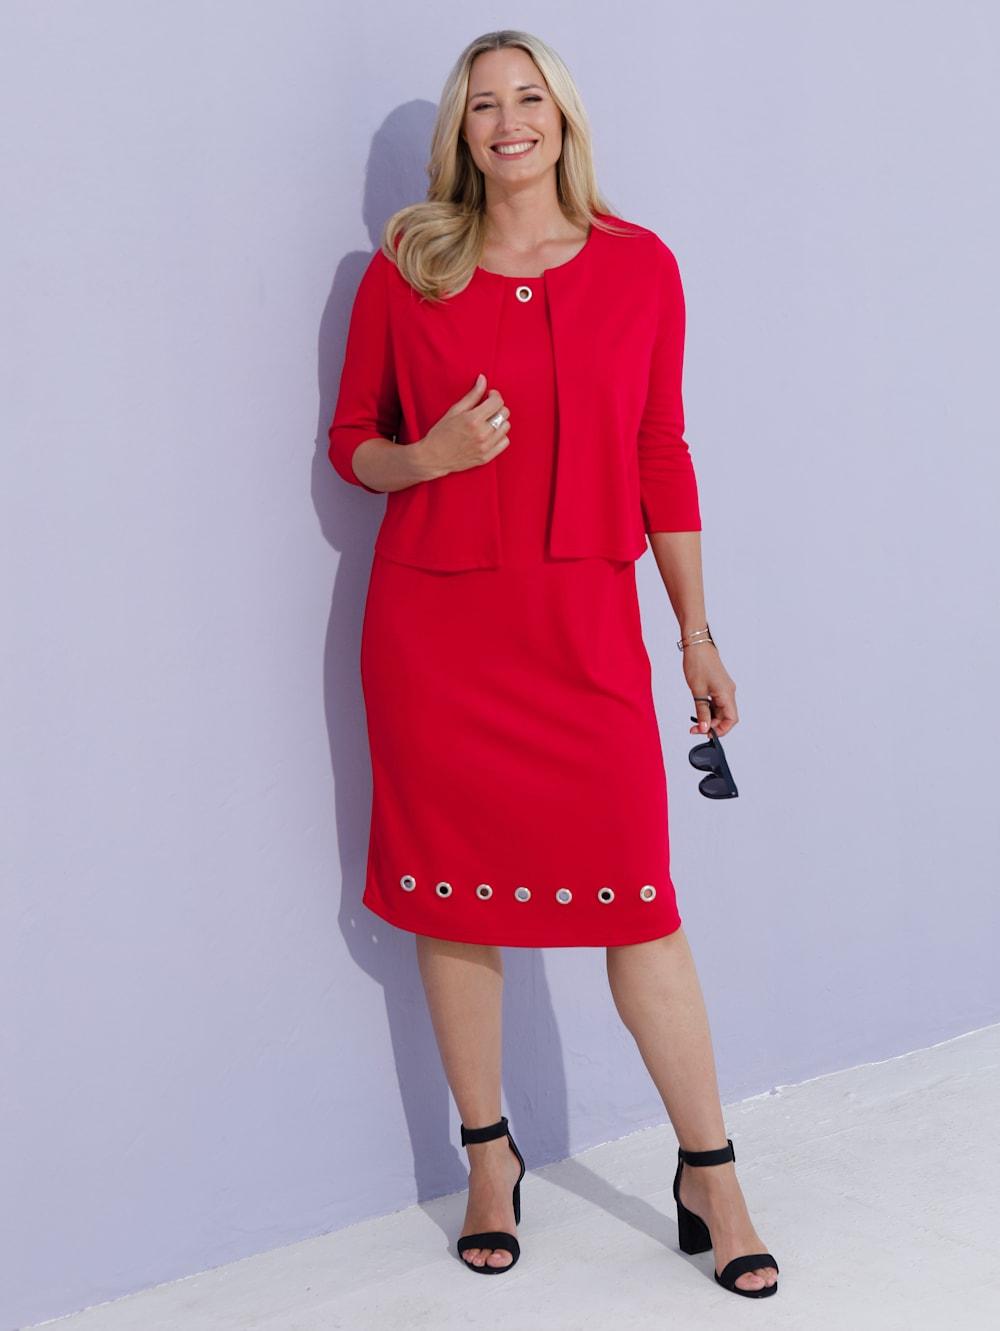 MIAMODA Blazer und Kleid Kleid mit modischen Ösen  Mia Moda